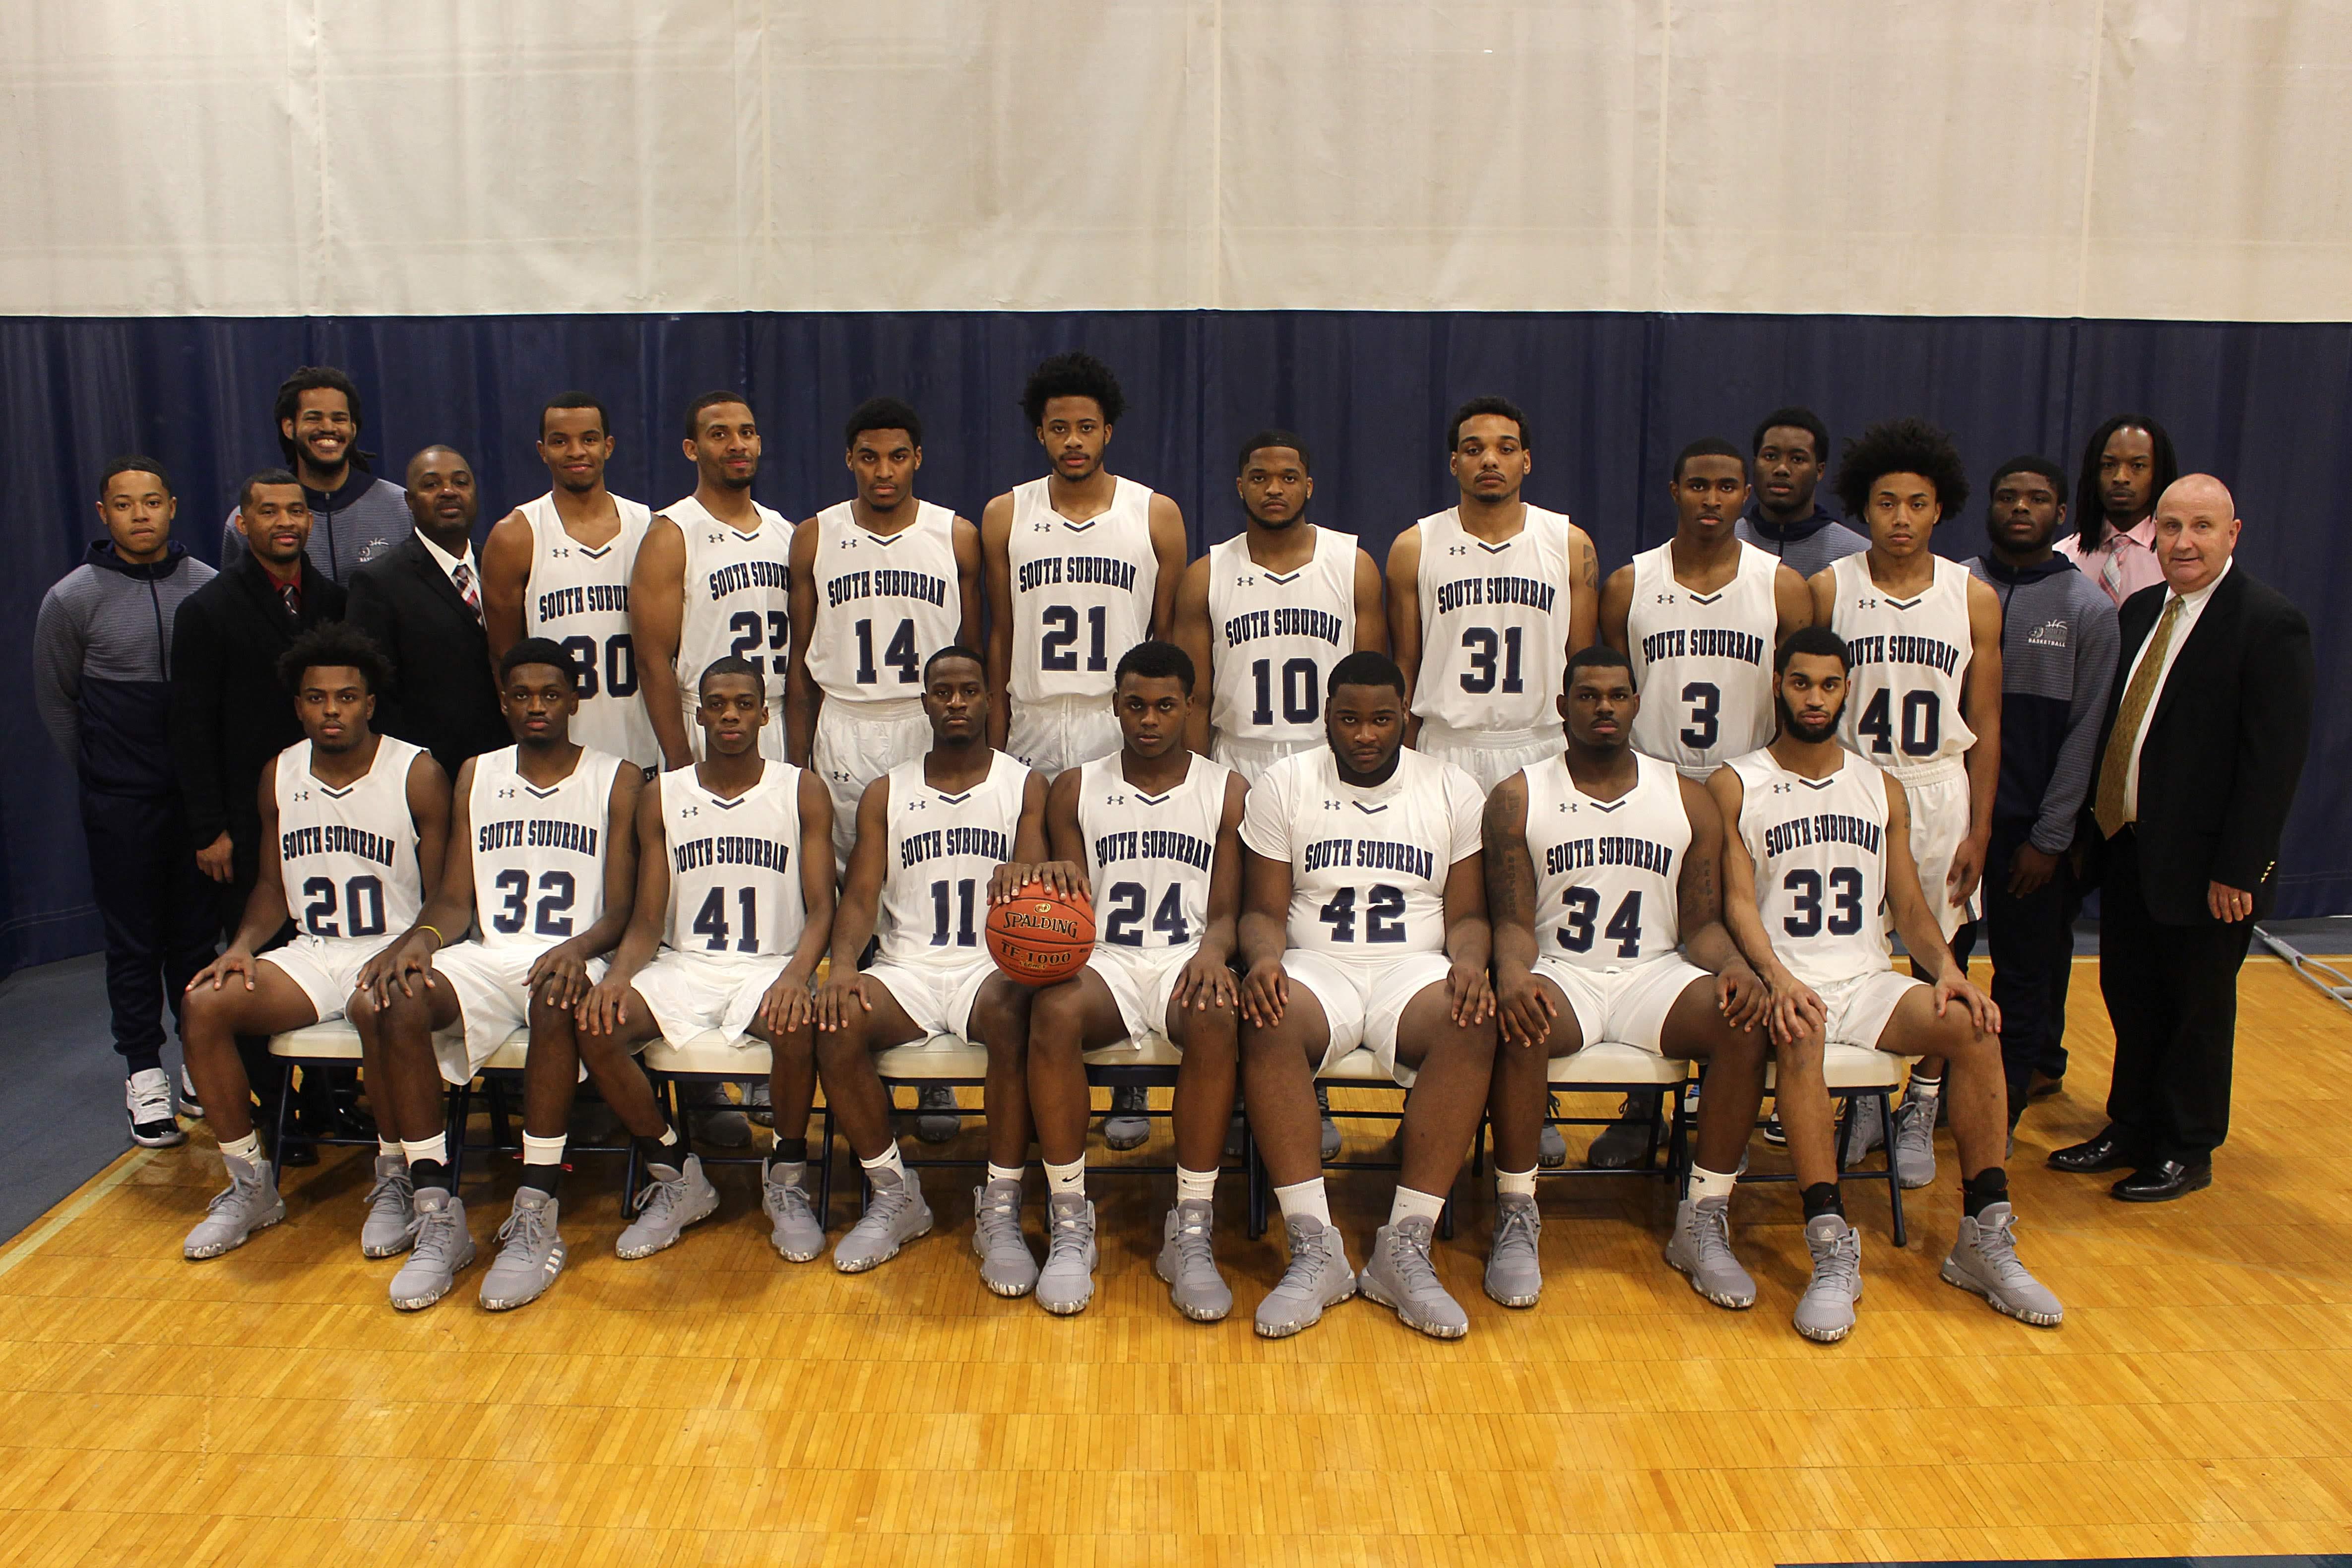 2019-20 SSC Men's Basketball Team photo